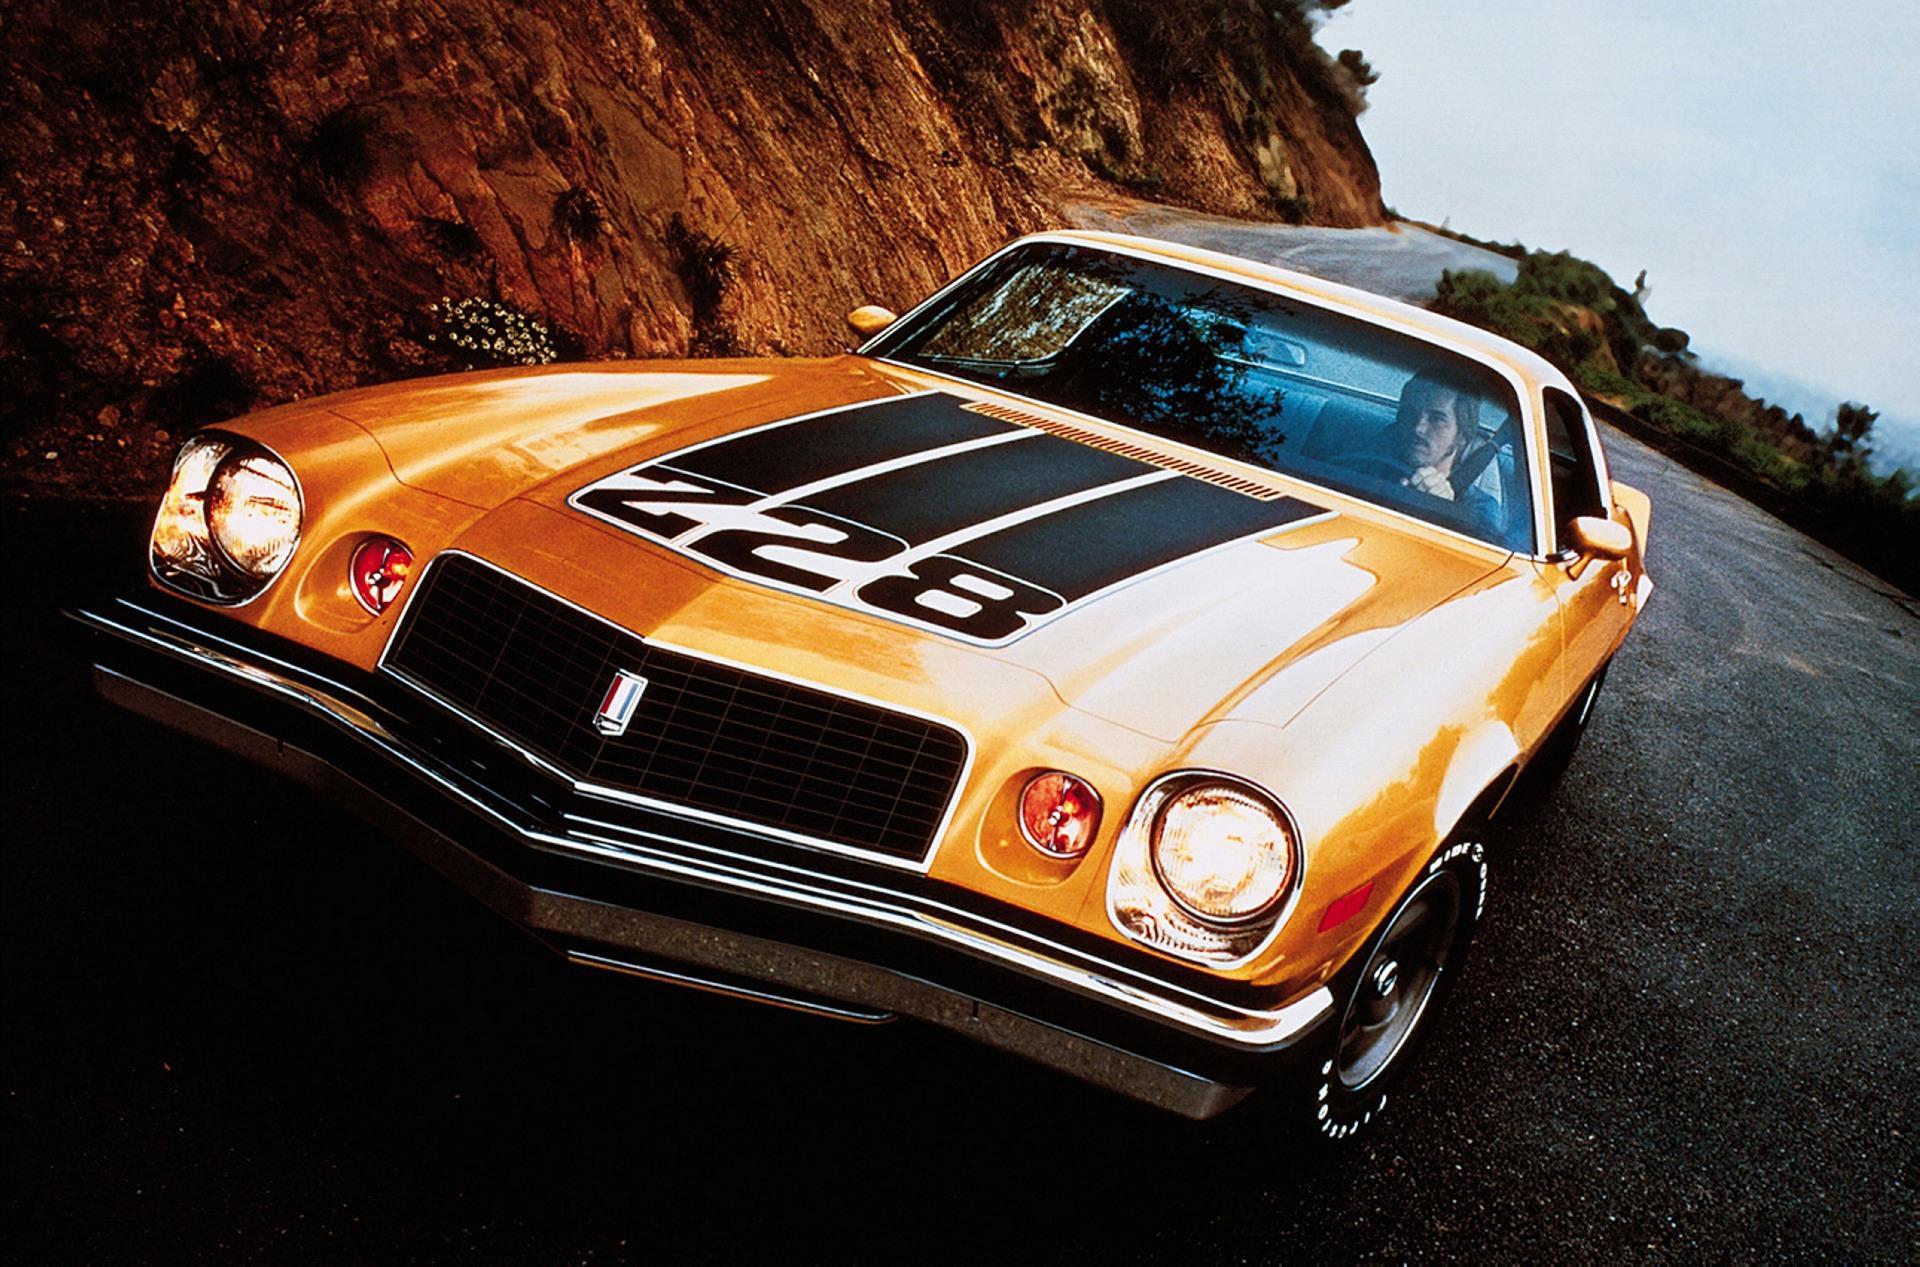 1974 Chevrolet Camaro Conceptcarz Com